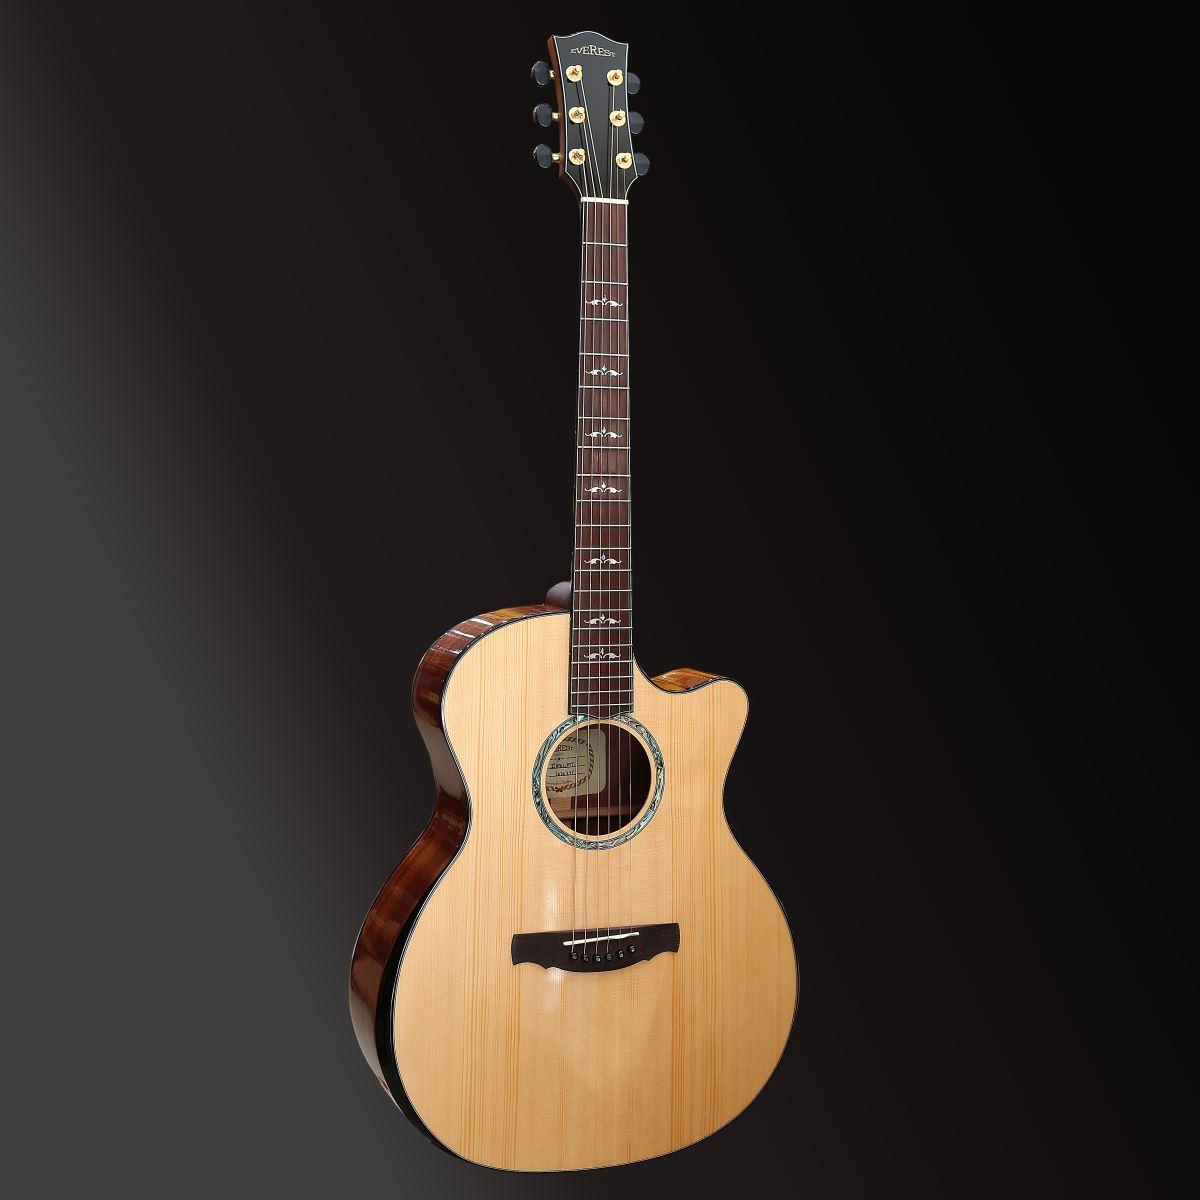 Đàn Guitar Acoustic E100LMT Chất Lượng Cao (Full Solid)